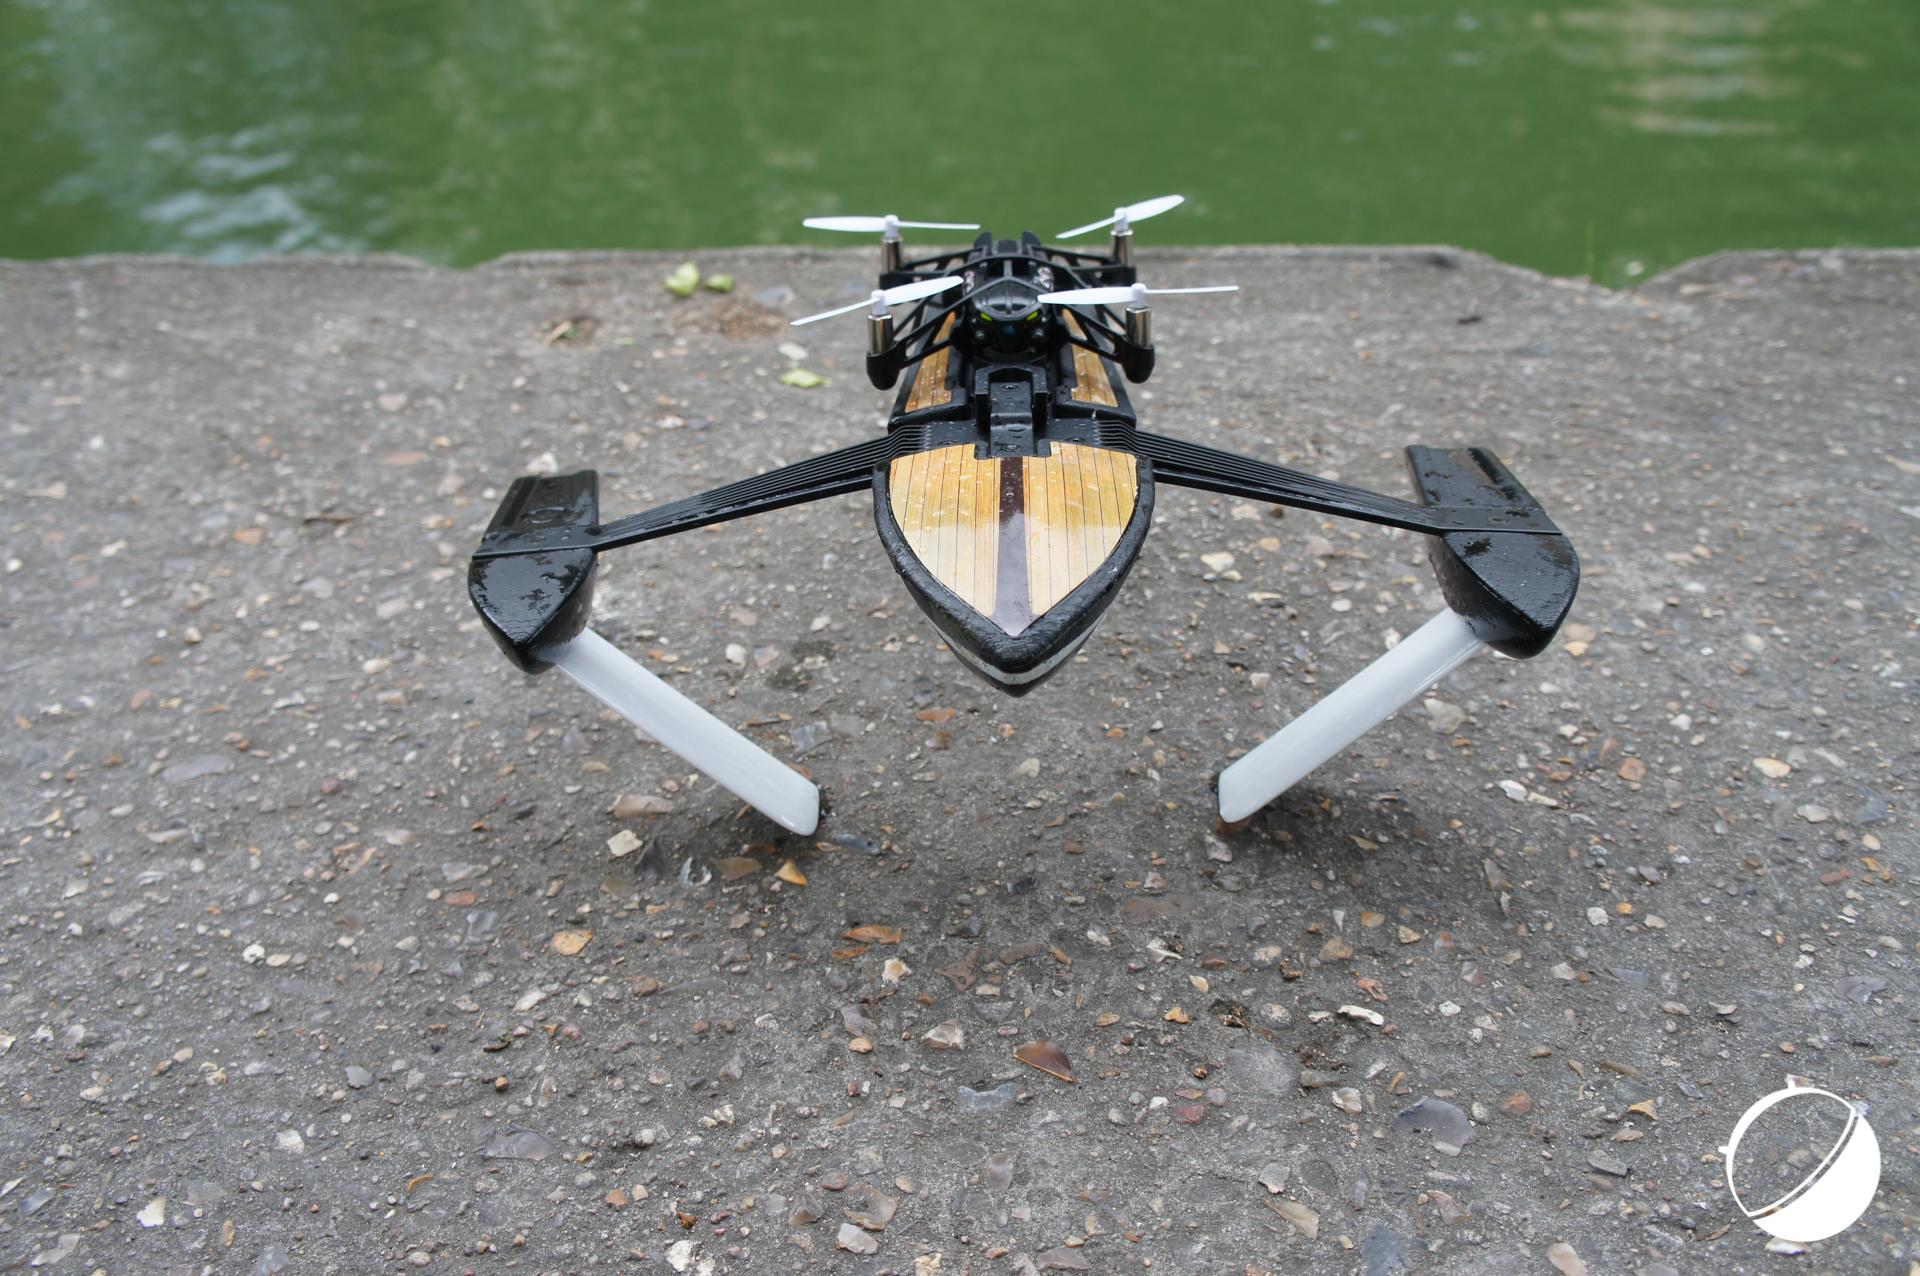 Prise en main du Parrot Hydrofoil Drone, l'hybride hydroptère – quadricoptère